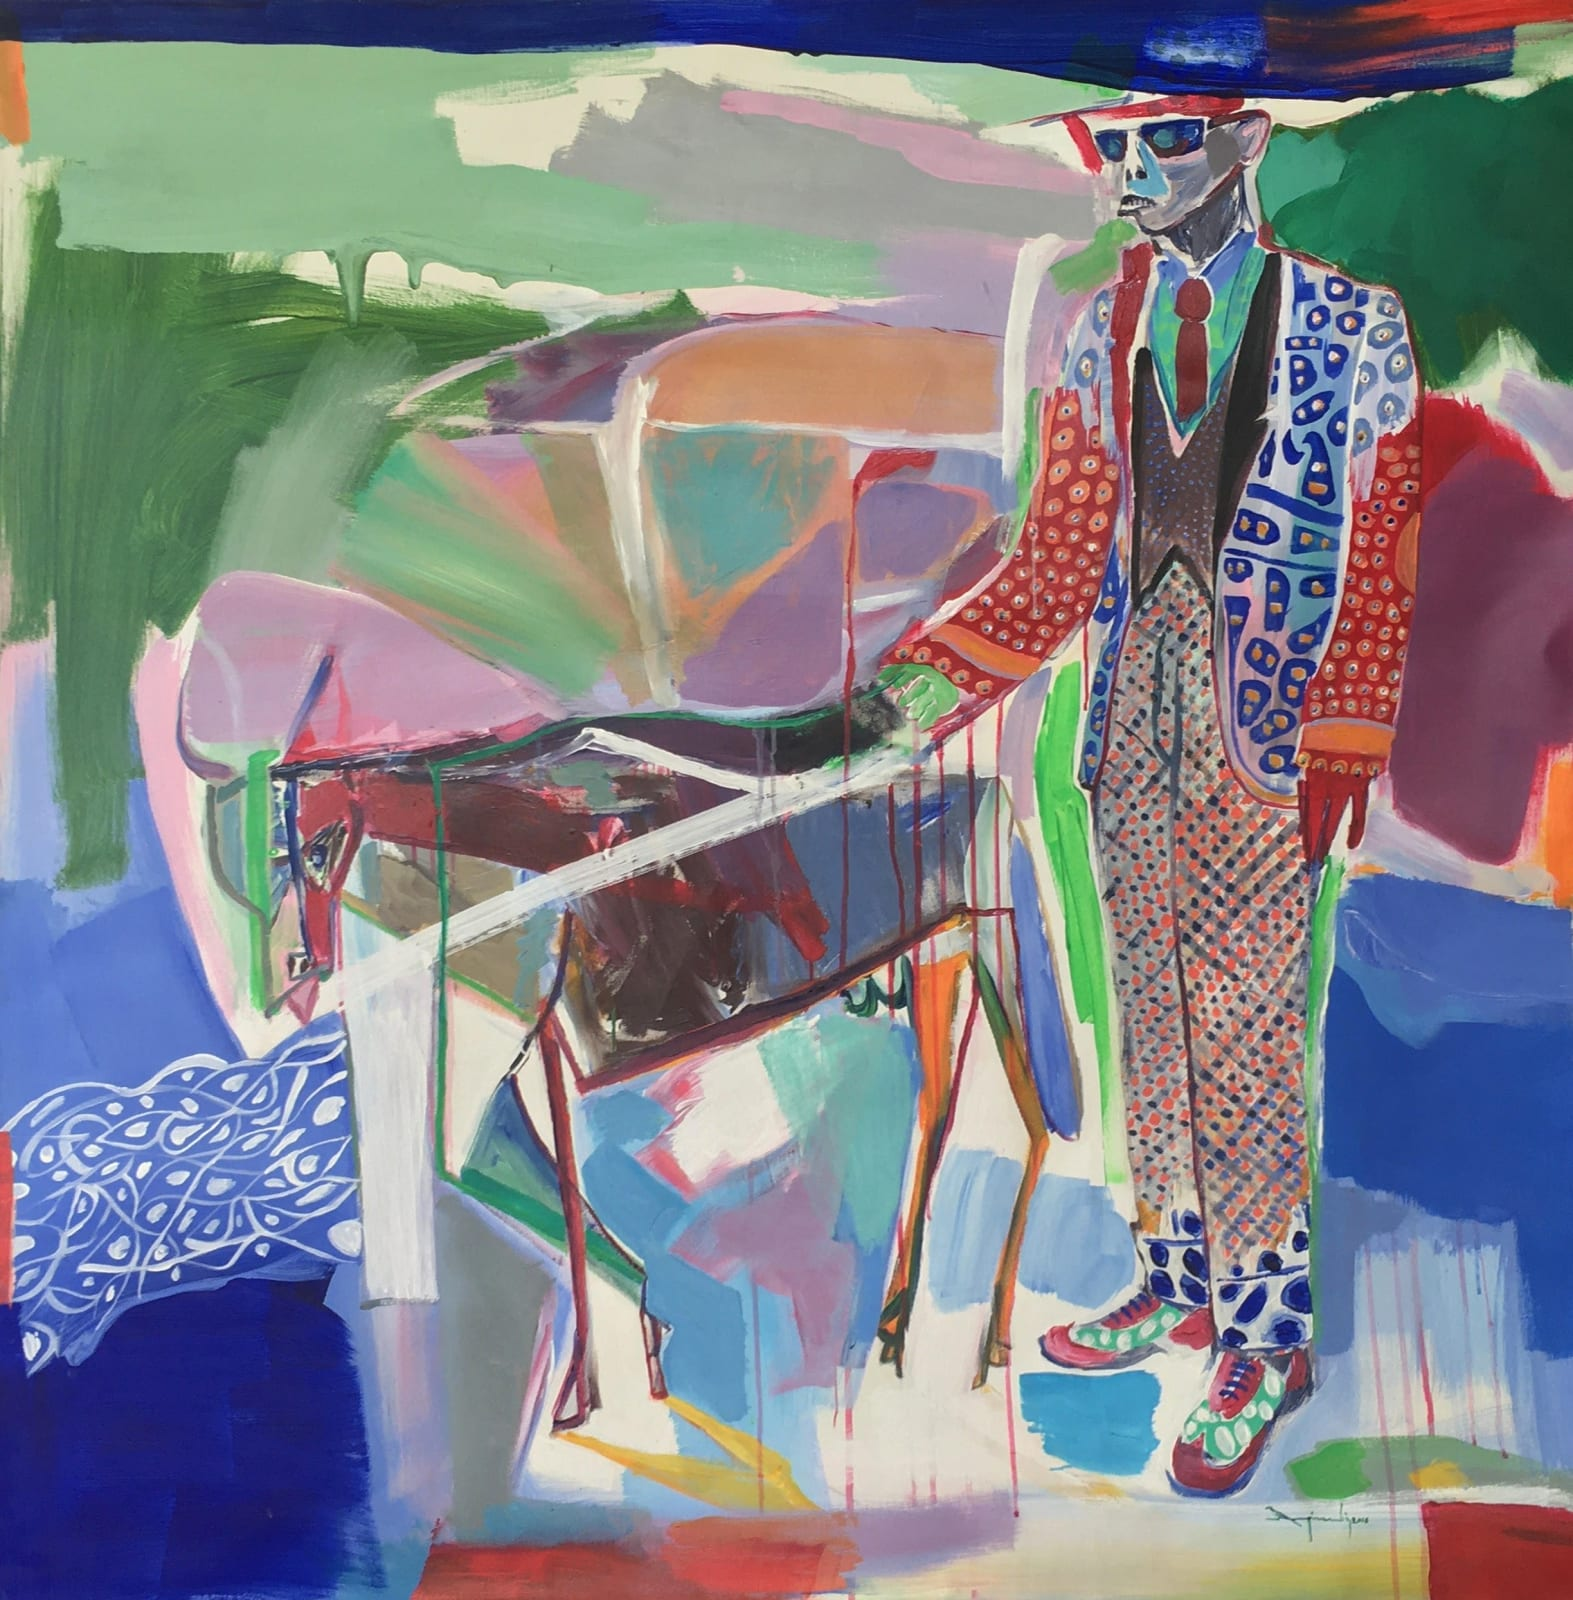 Ngimbi Luve, Sans titre, 2019 Acrylique sur toile 120x120 cm